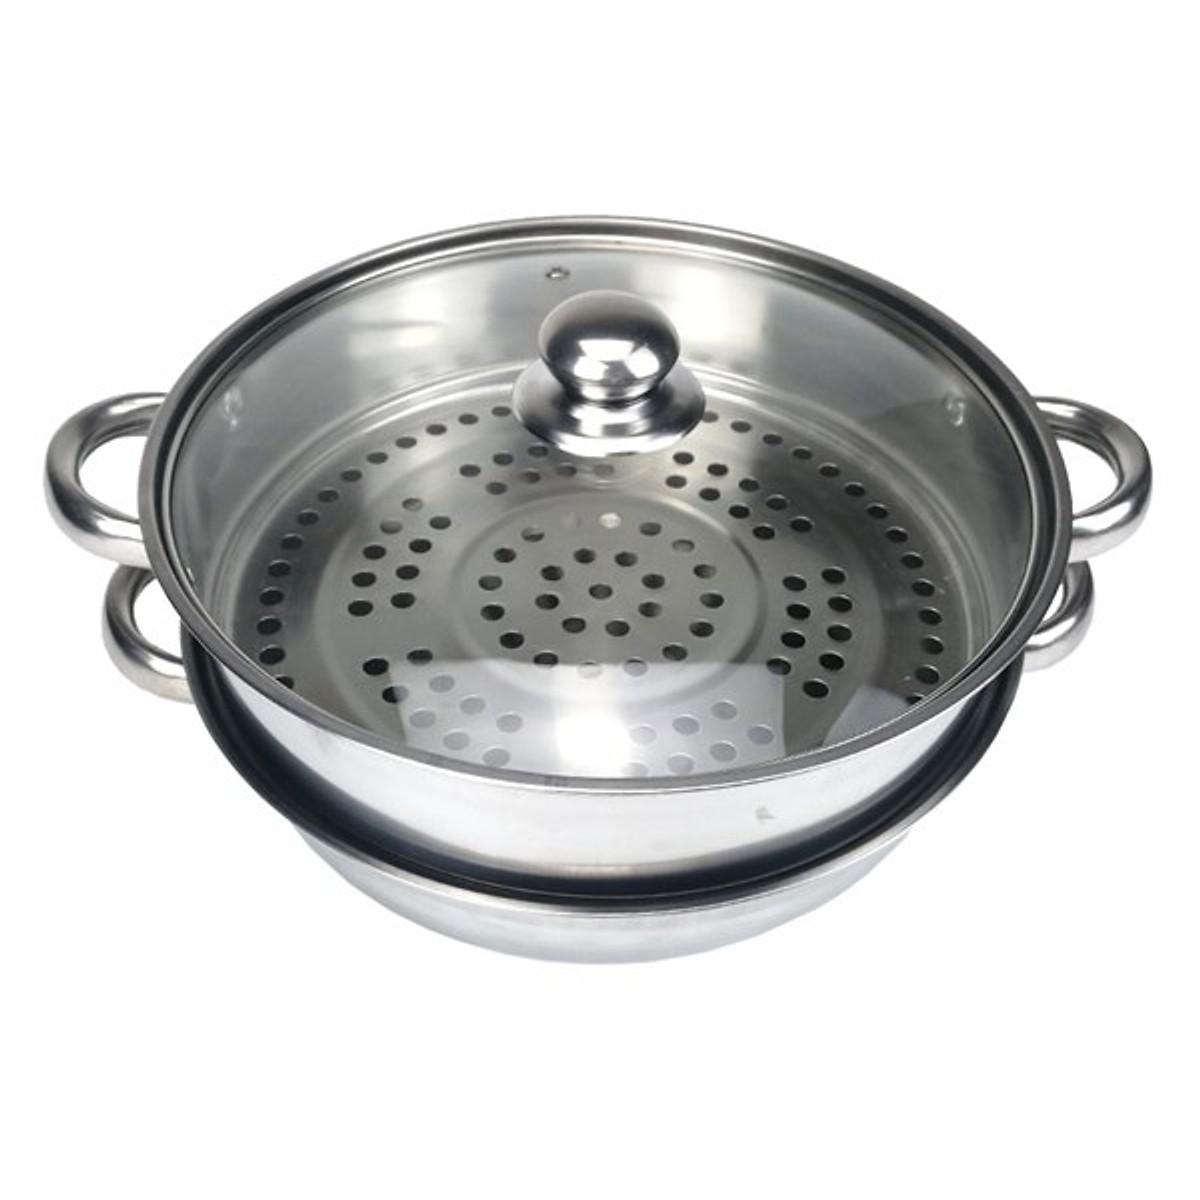 Nồi vừa hấp, vừa lẩu dùng cho bếp ga, bếp từ bằng inox 304 GS0091